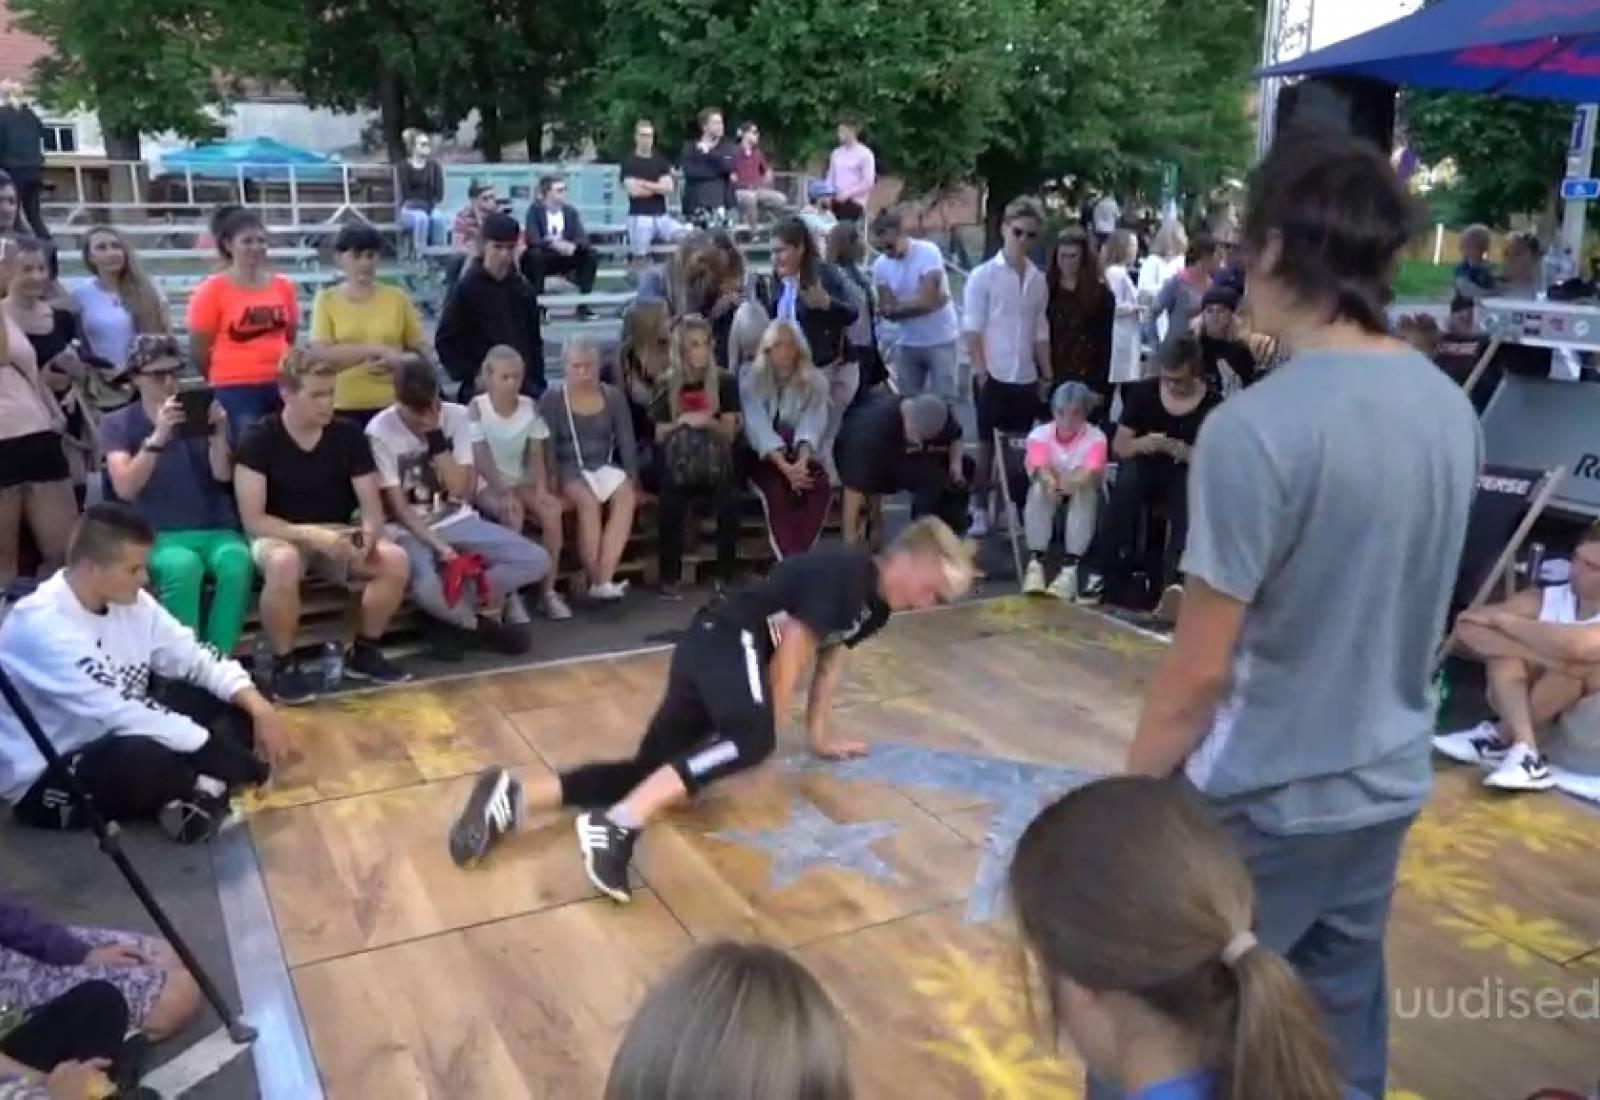 VIDEO! Viljandi täitus ekstreemspordi ja tänavakultuuriga